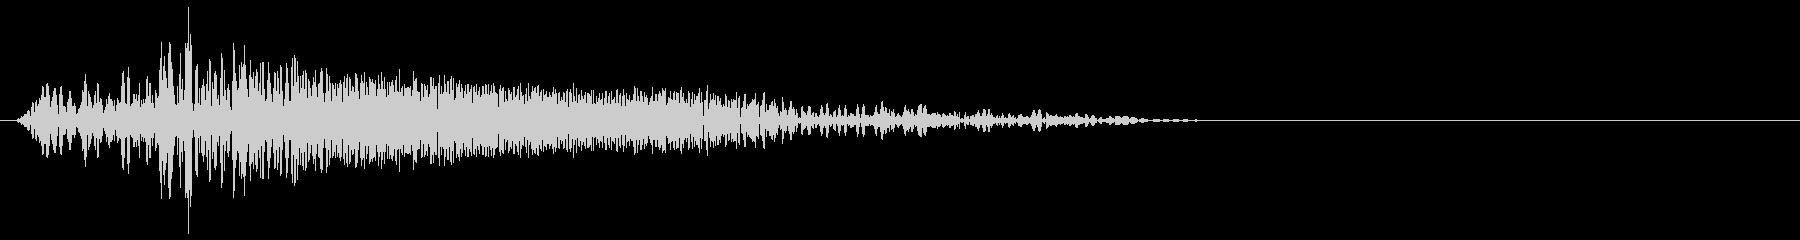 ゲーム掛け声ゾンビ1ノー2の未再生の波形